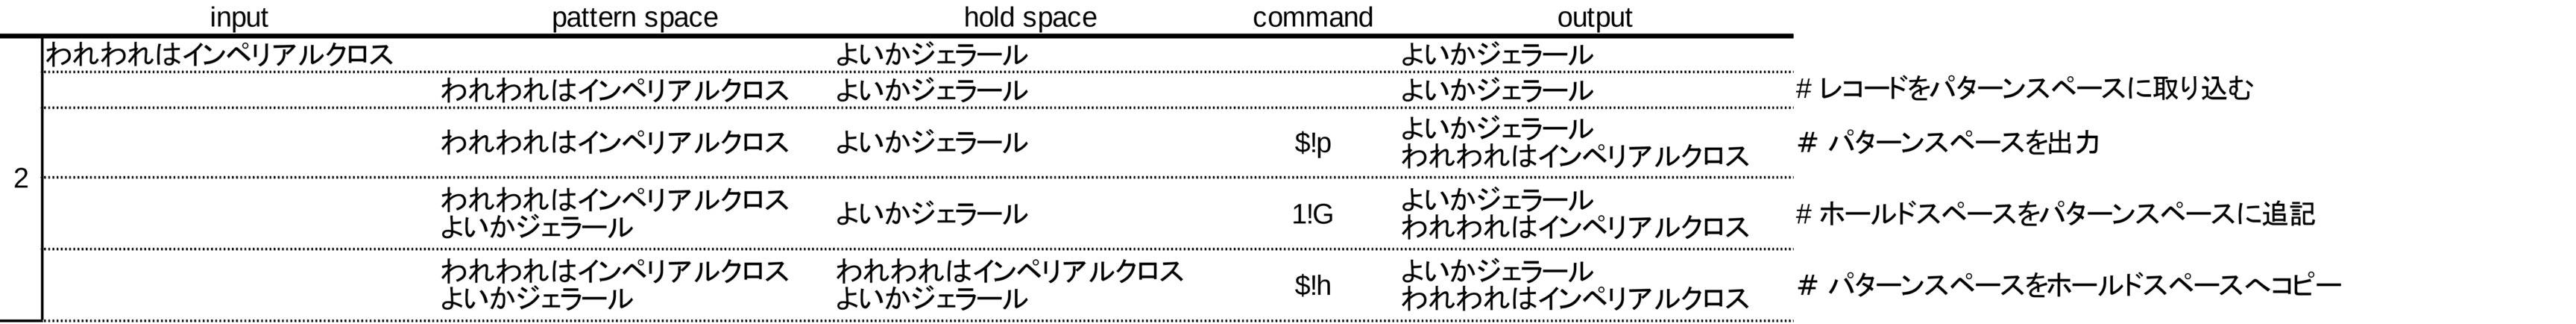 fig3-2-4.jpg